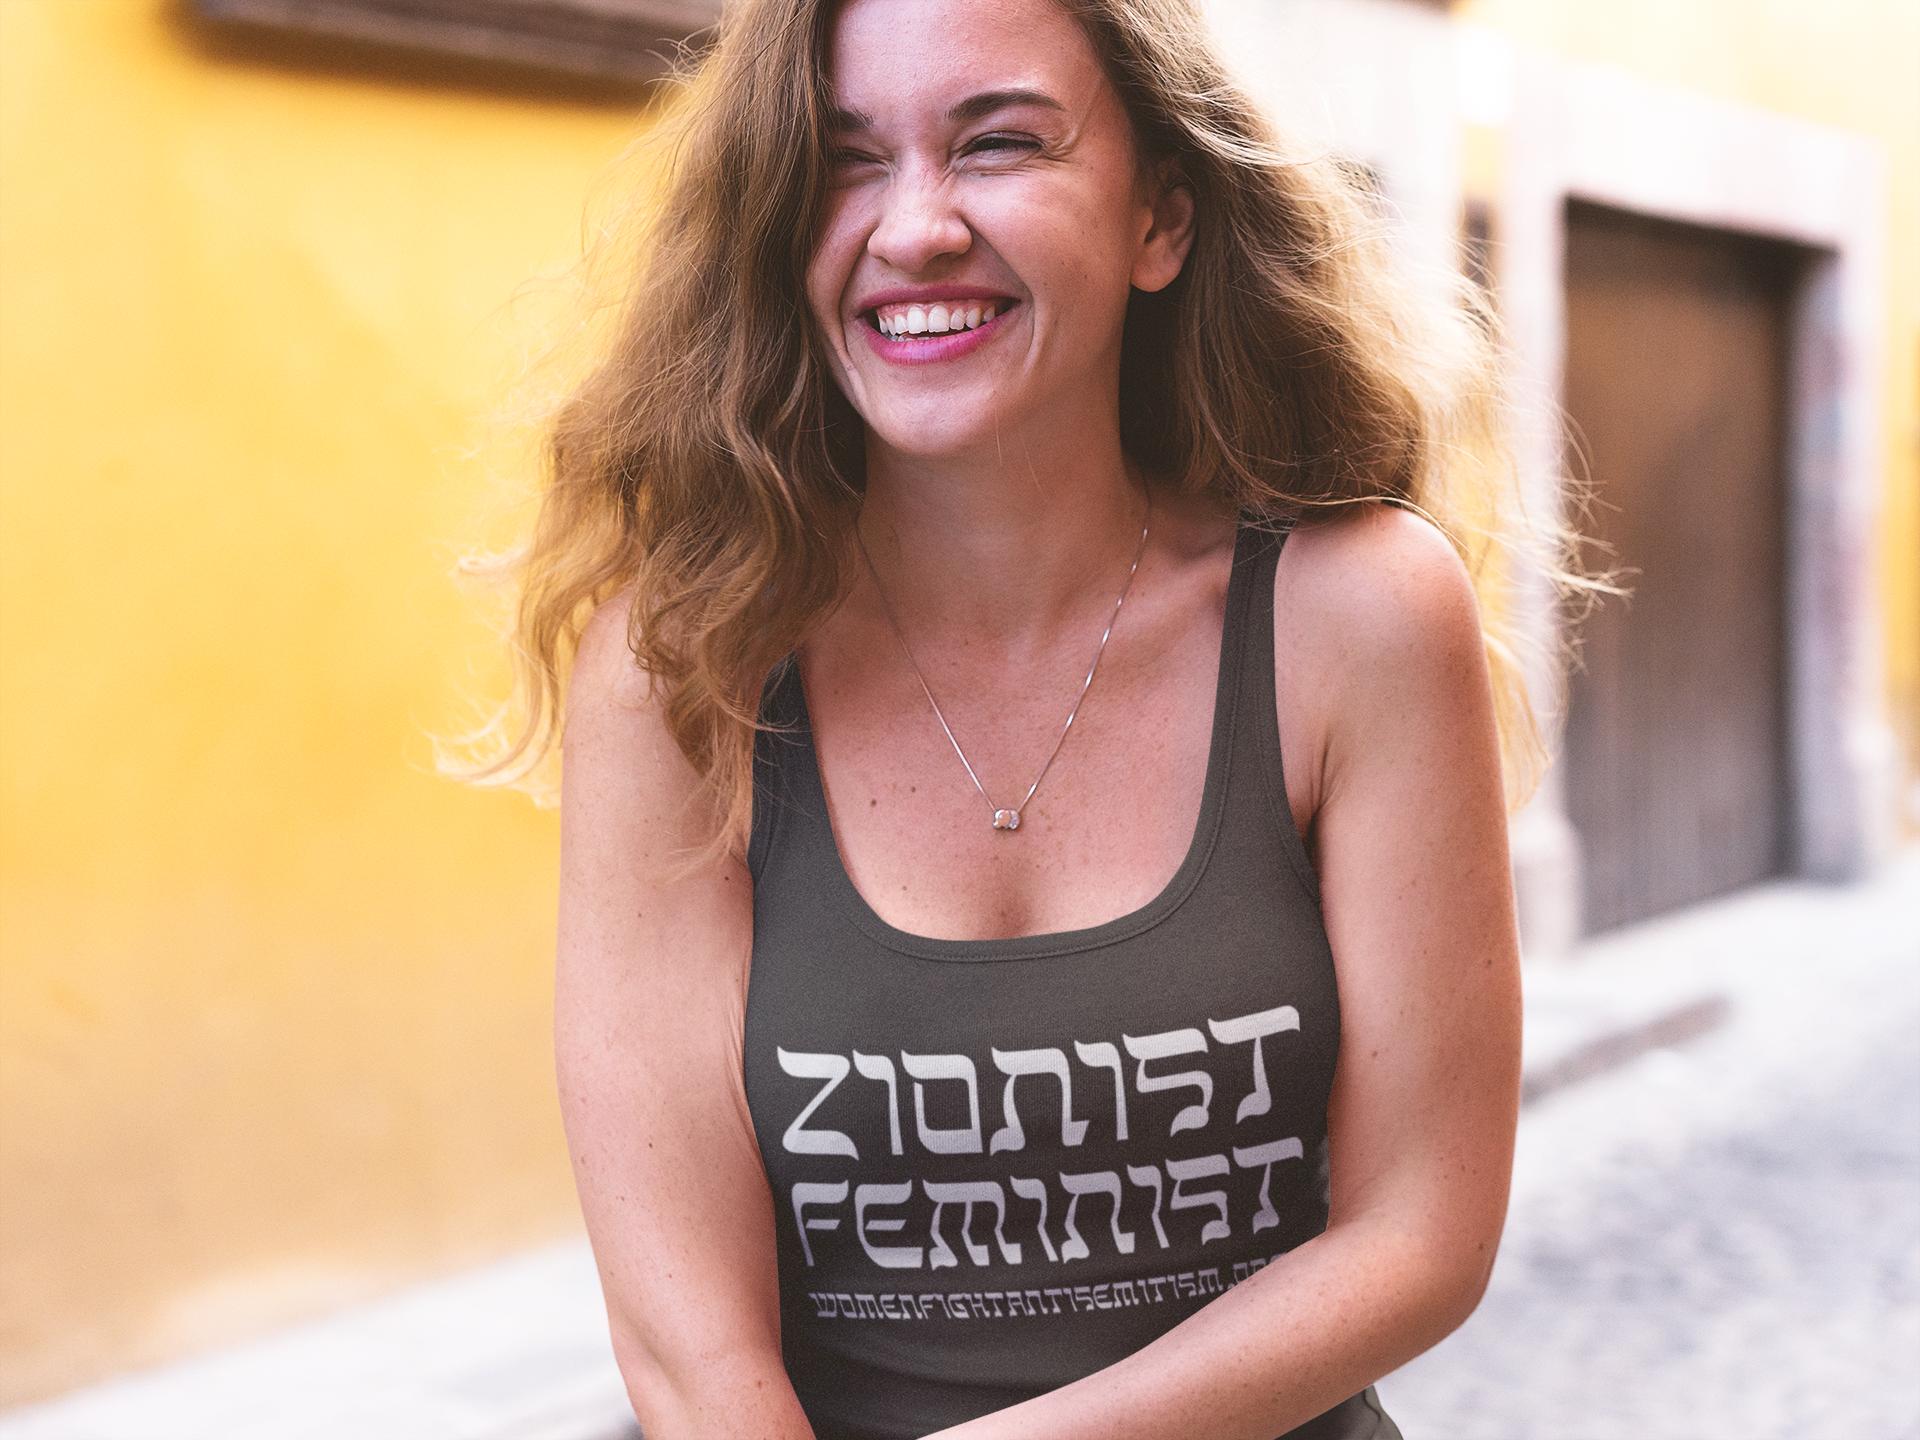 wmfa_zionist-feminist_tee_blk.png